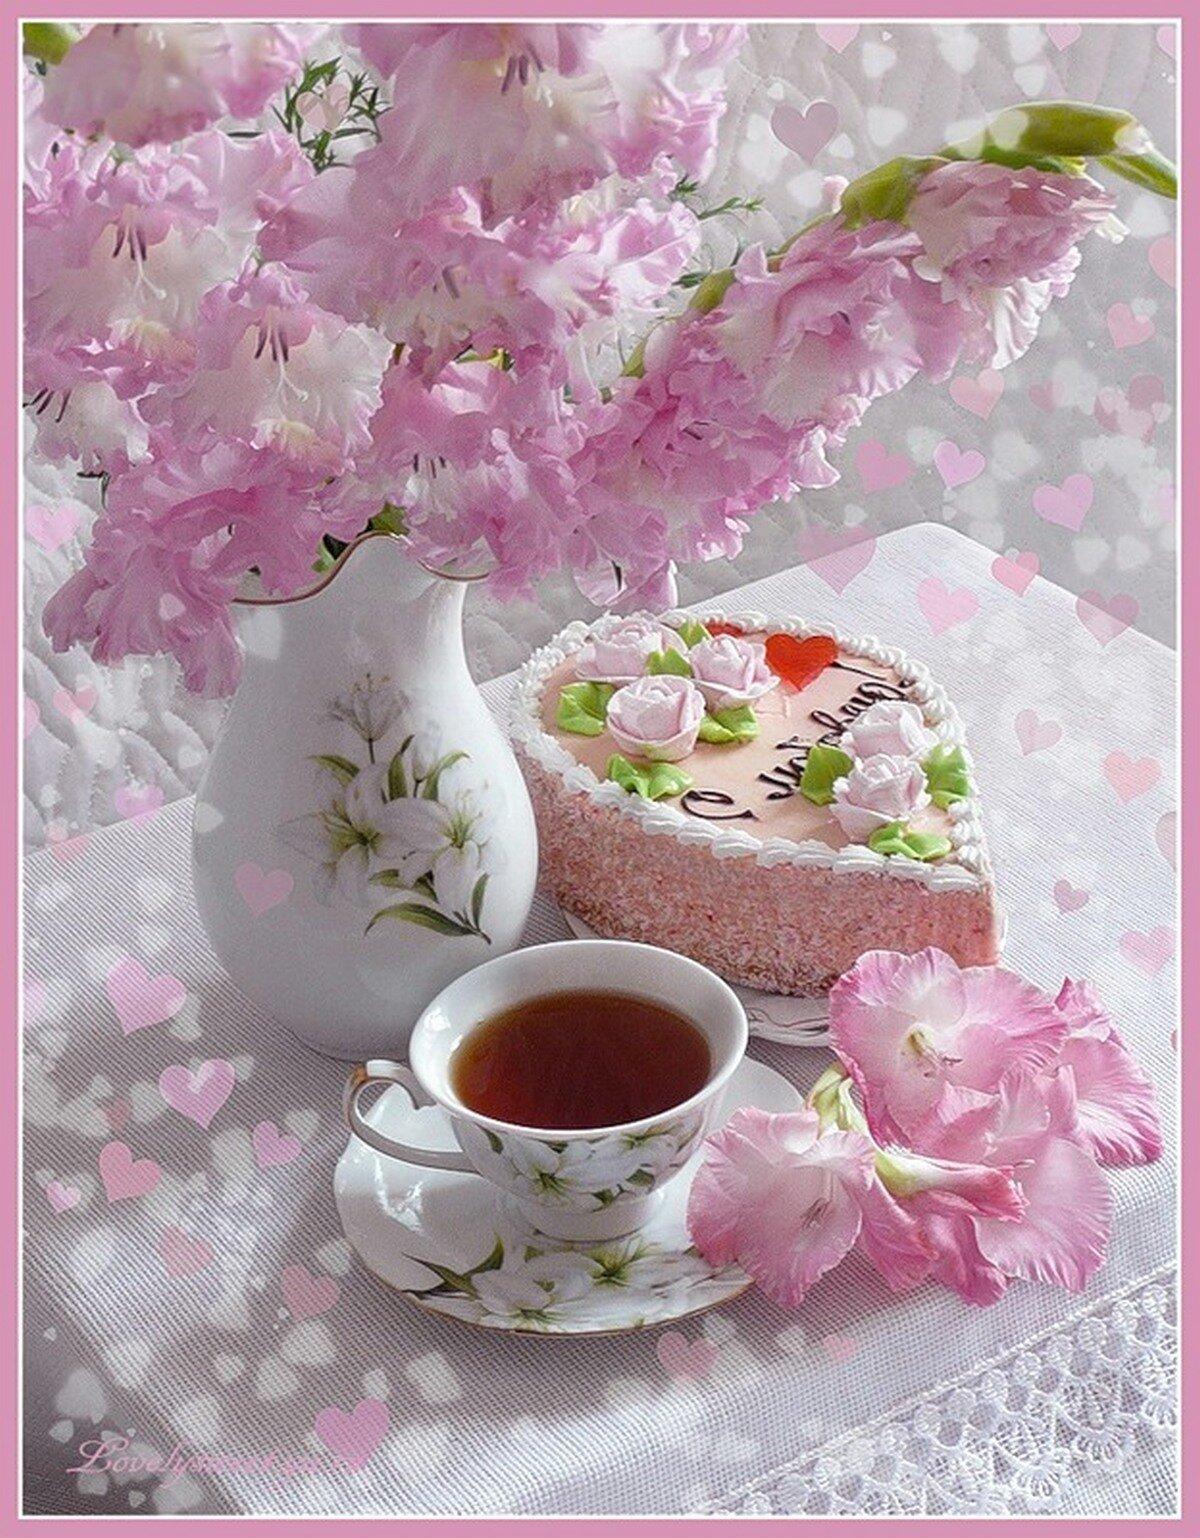 Пикник, доброе утро подруга картинки красивые необычные нежные